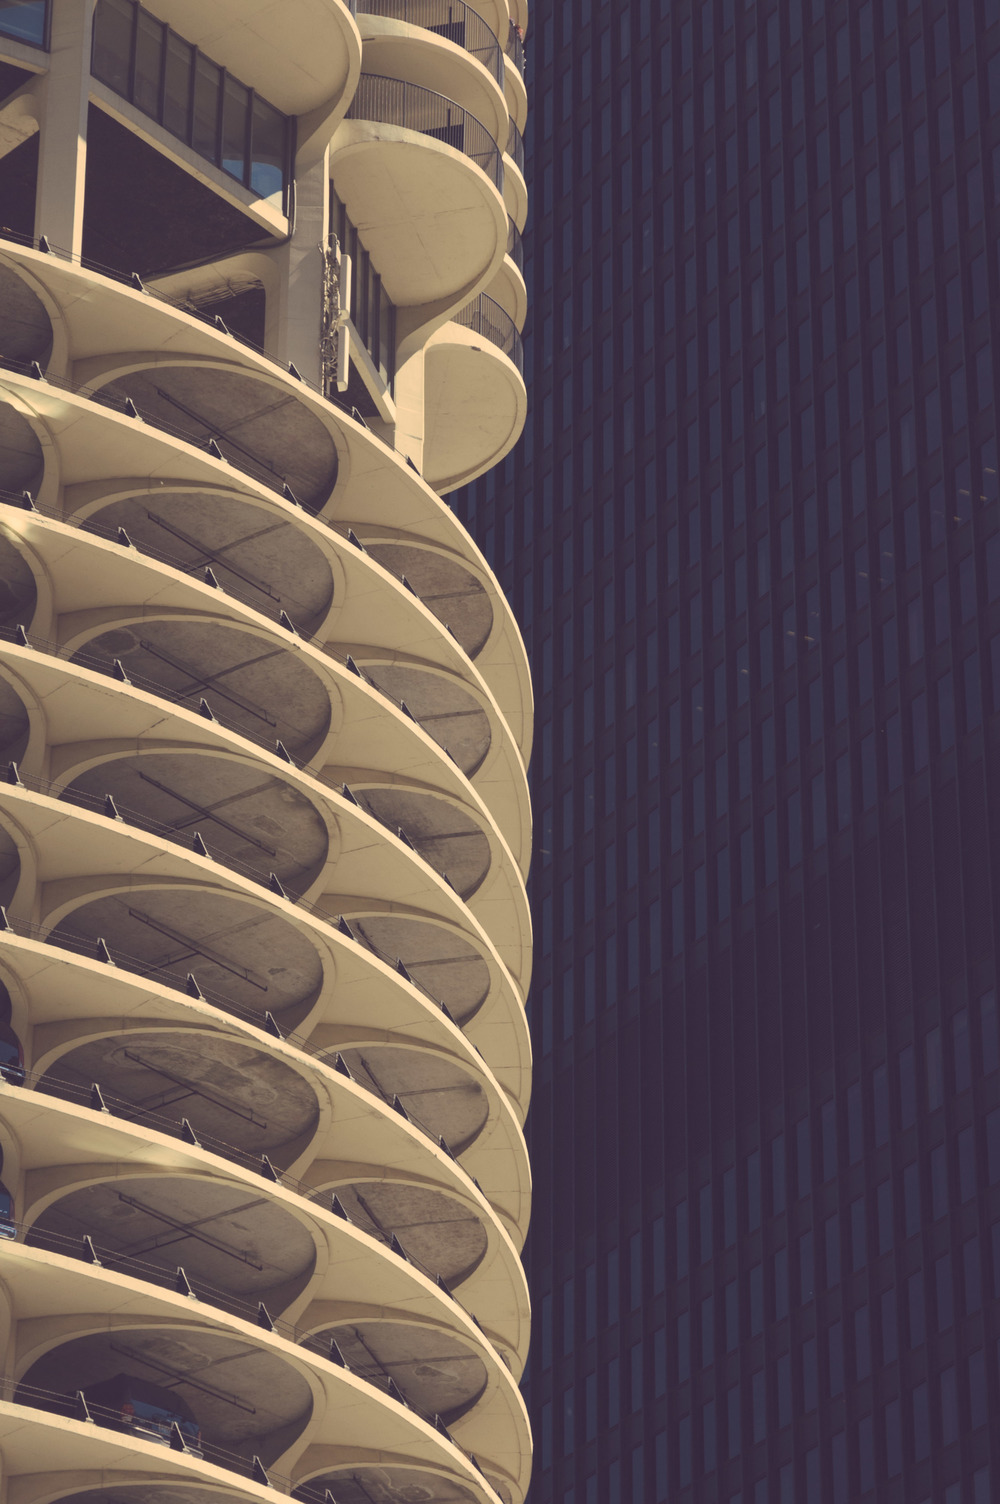 2008_0713_D70_ChicagoBoatTour_DSC_0116.jpg